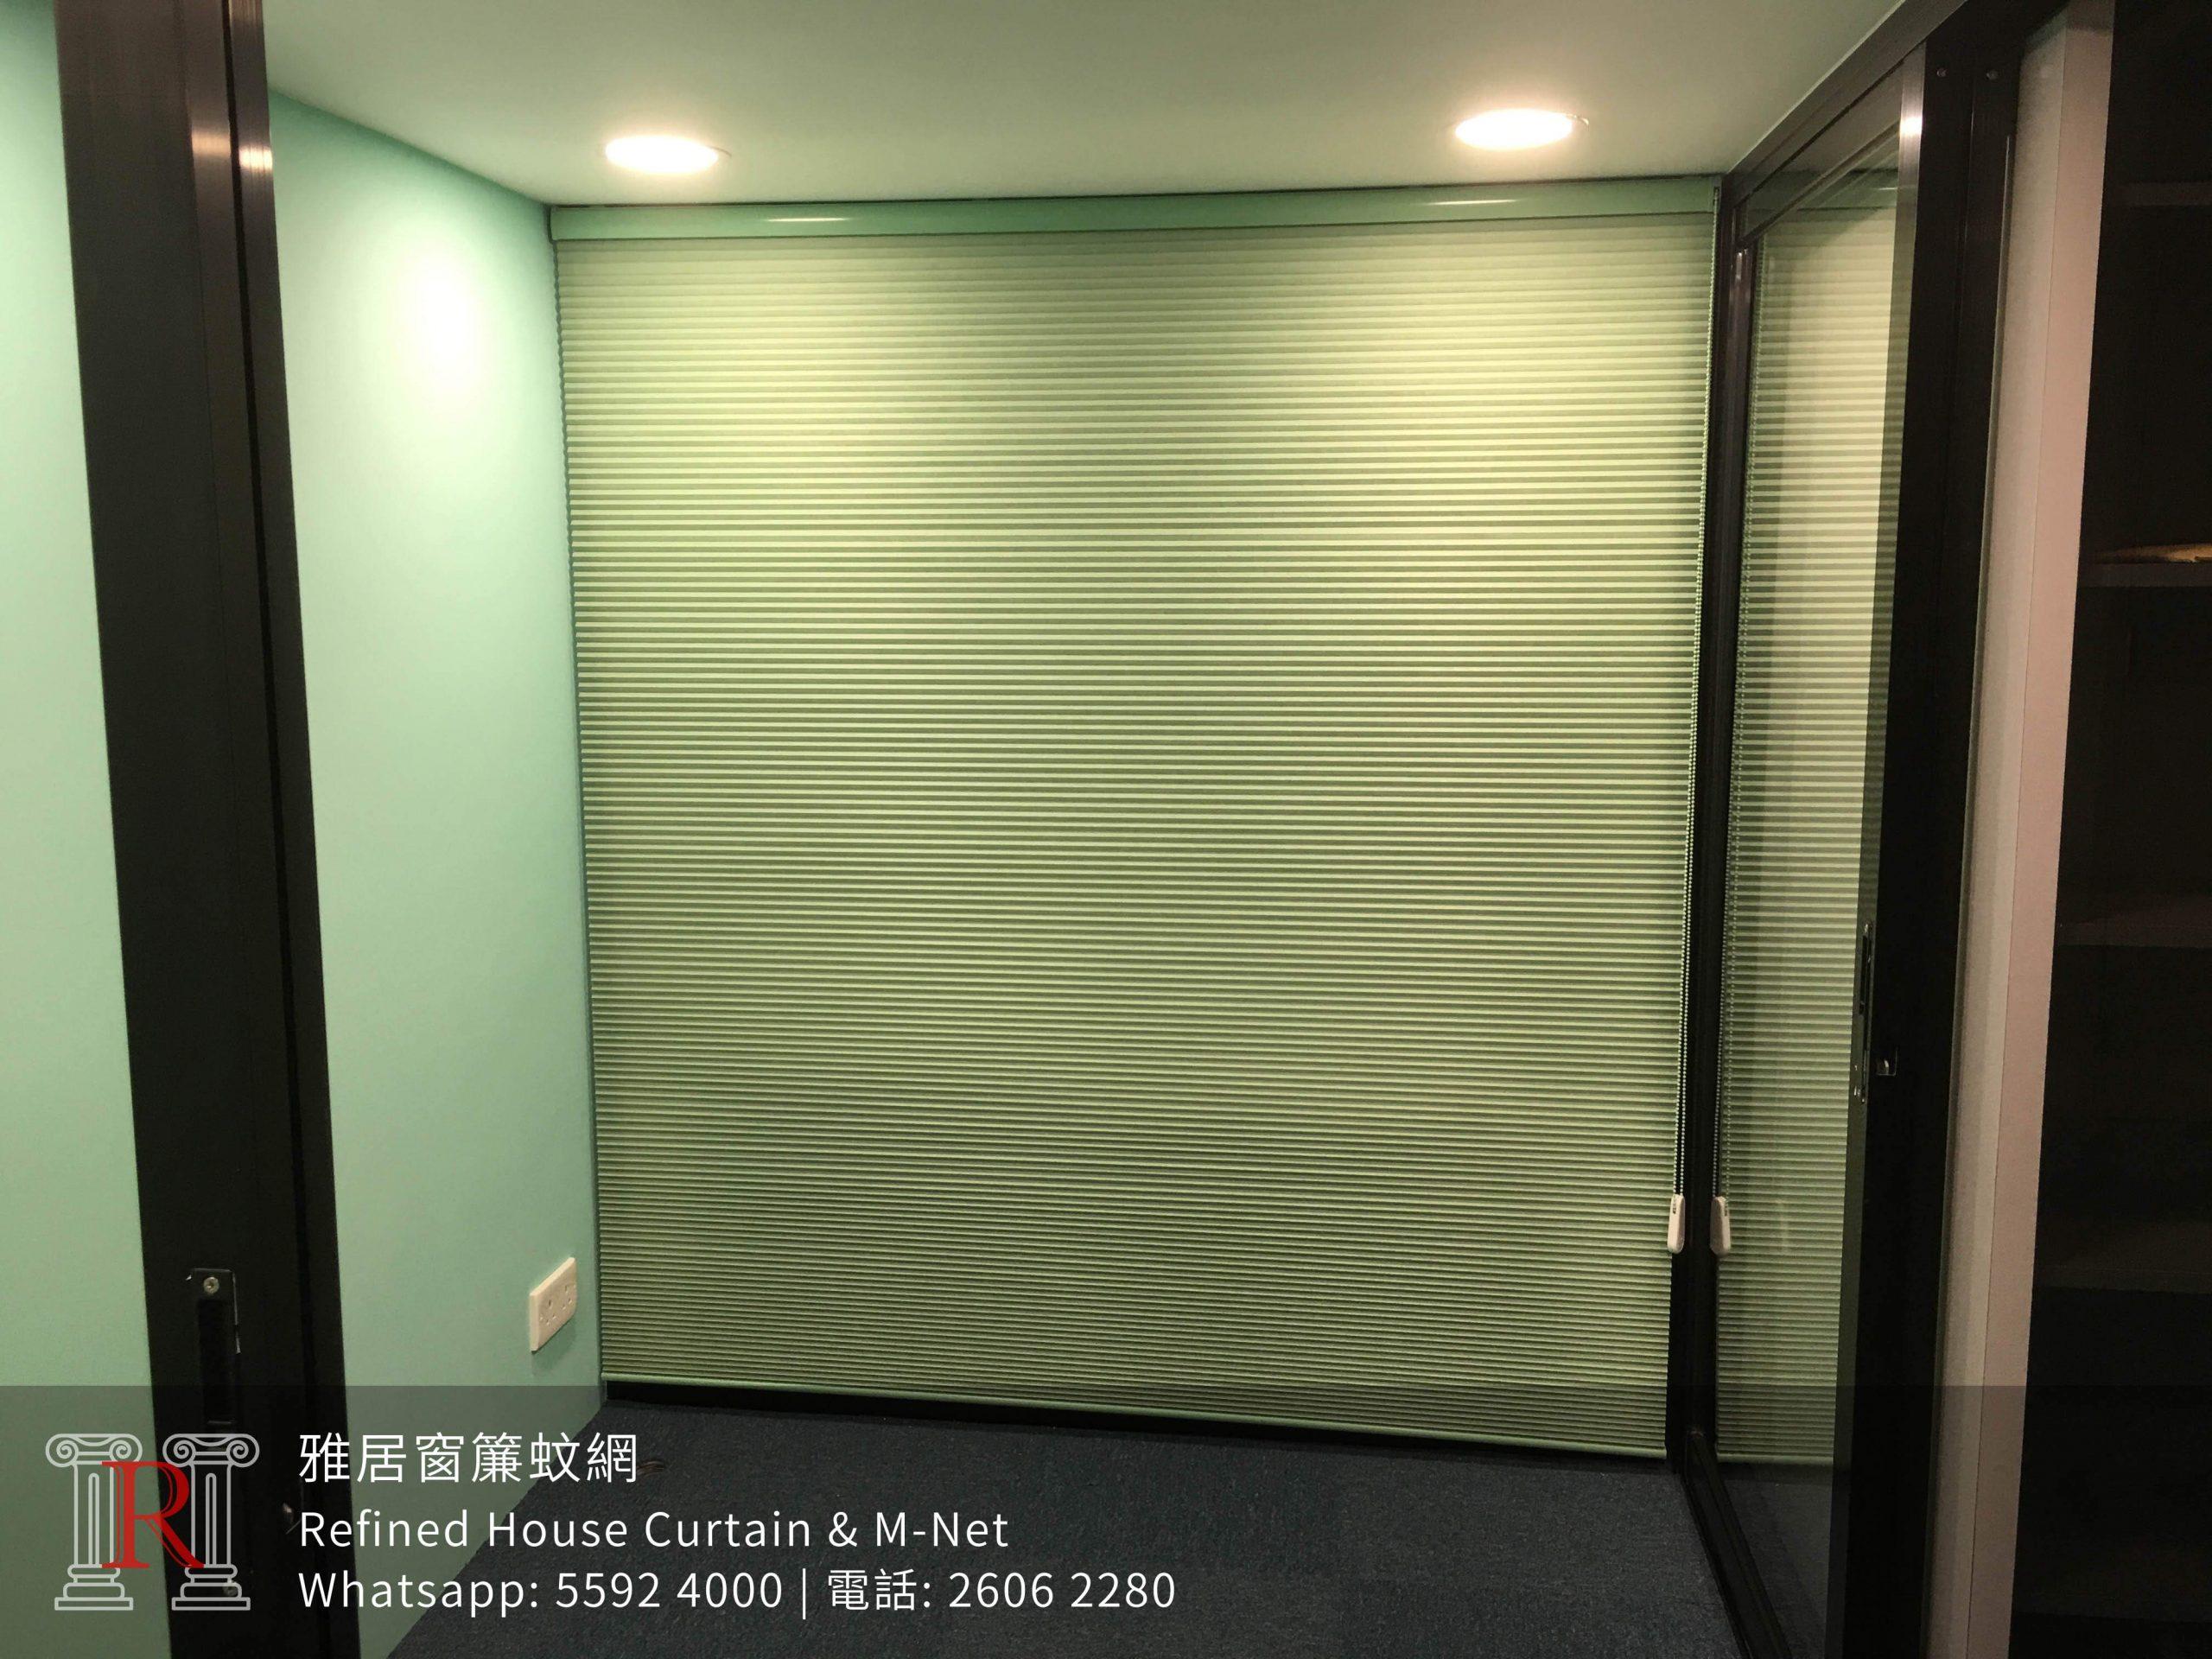 31080 京瑞廣場 蜂巢簾T5COM (5)